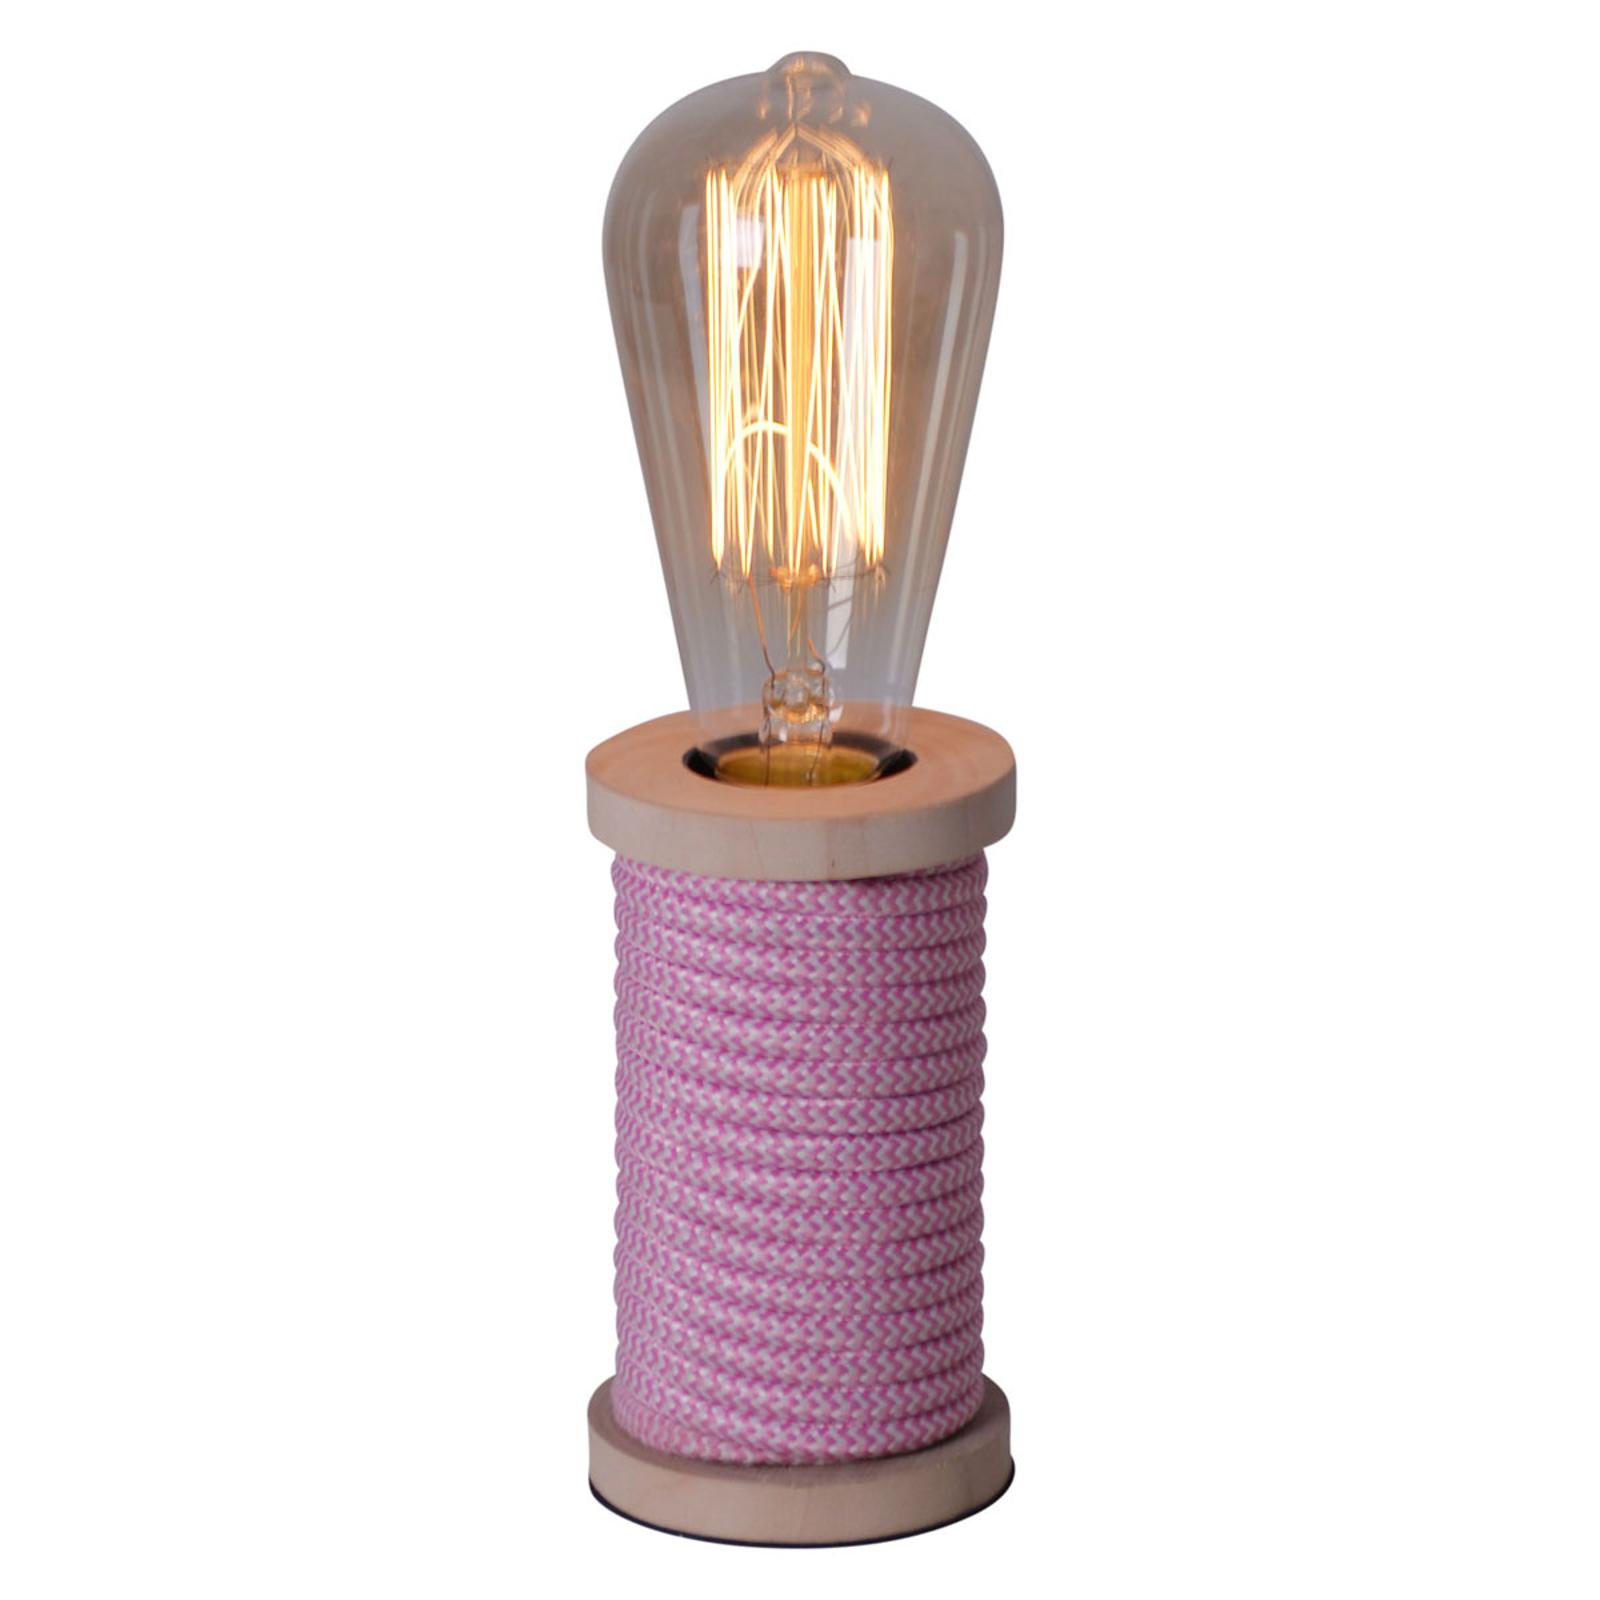 Tafellamp Max met houten voet roze